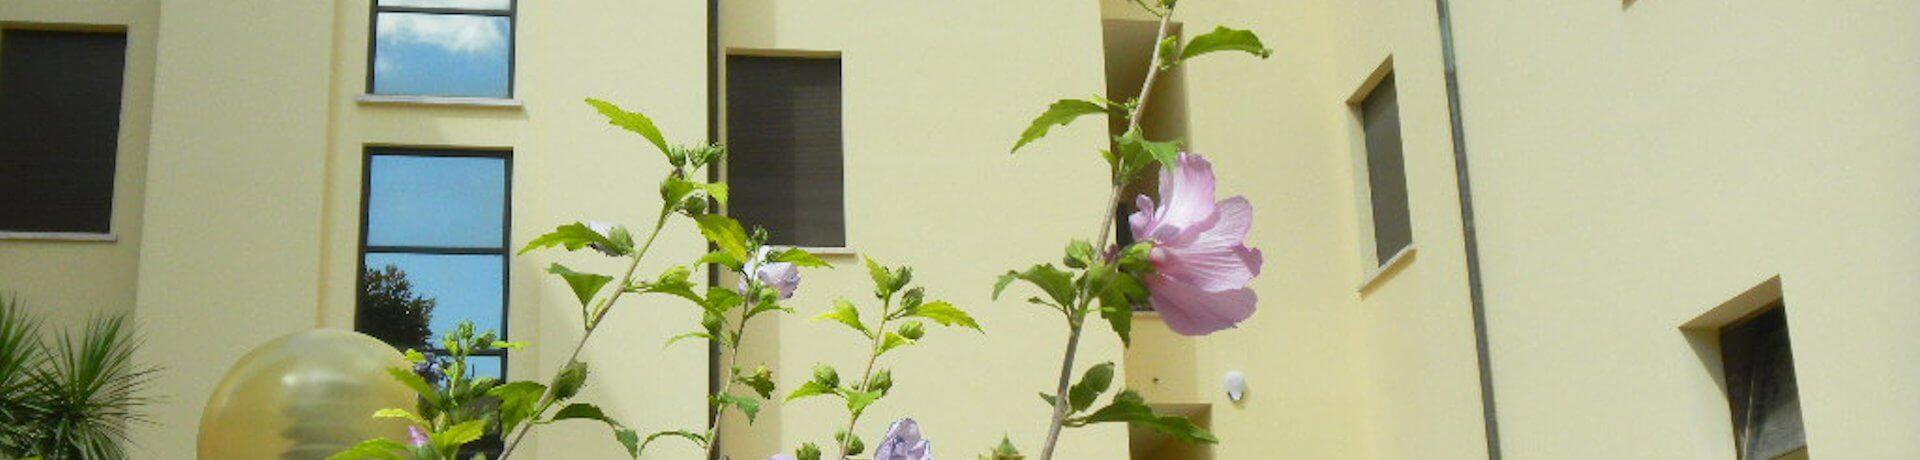 Istituto Sacro Cuore Roma Scuola Sacro Cuore - Particolare giardino